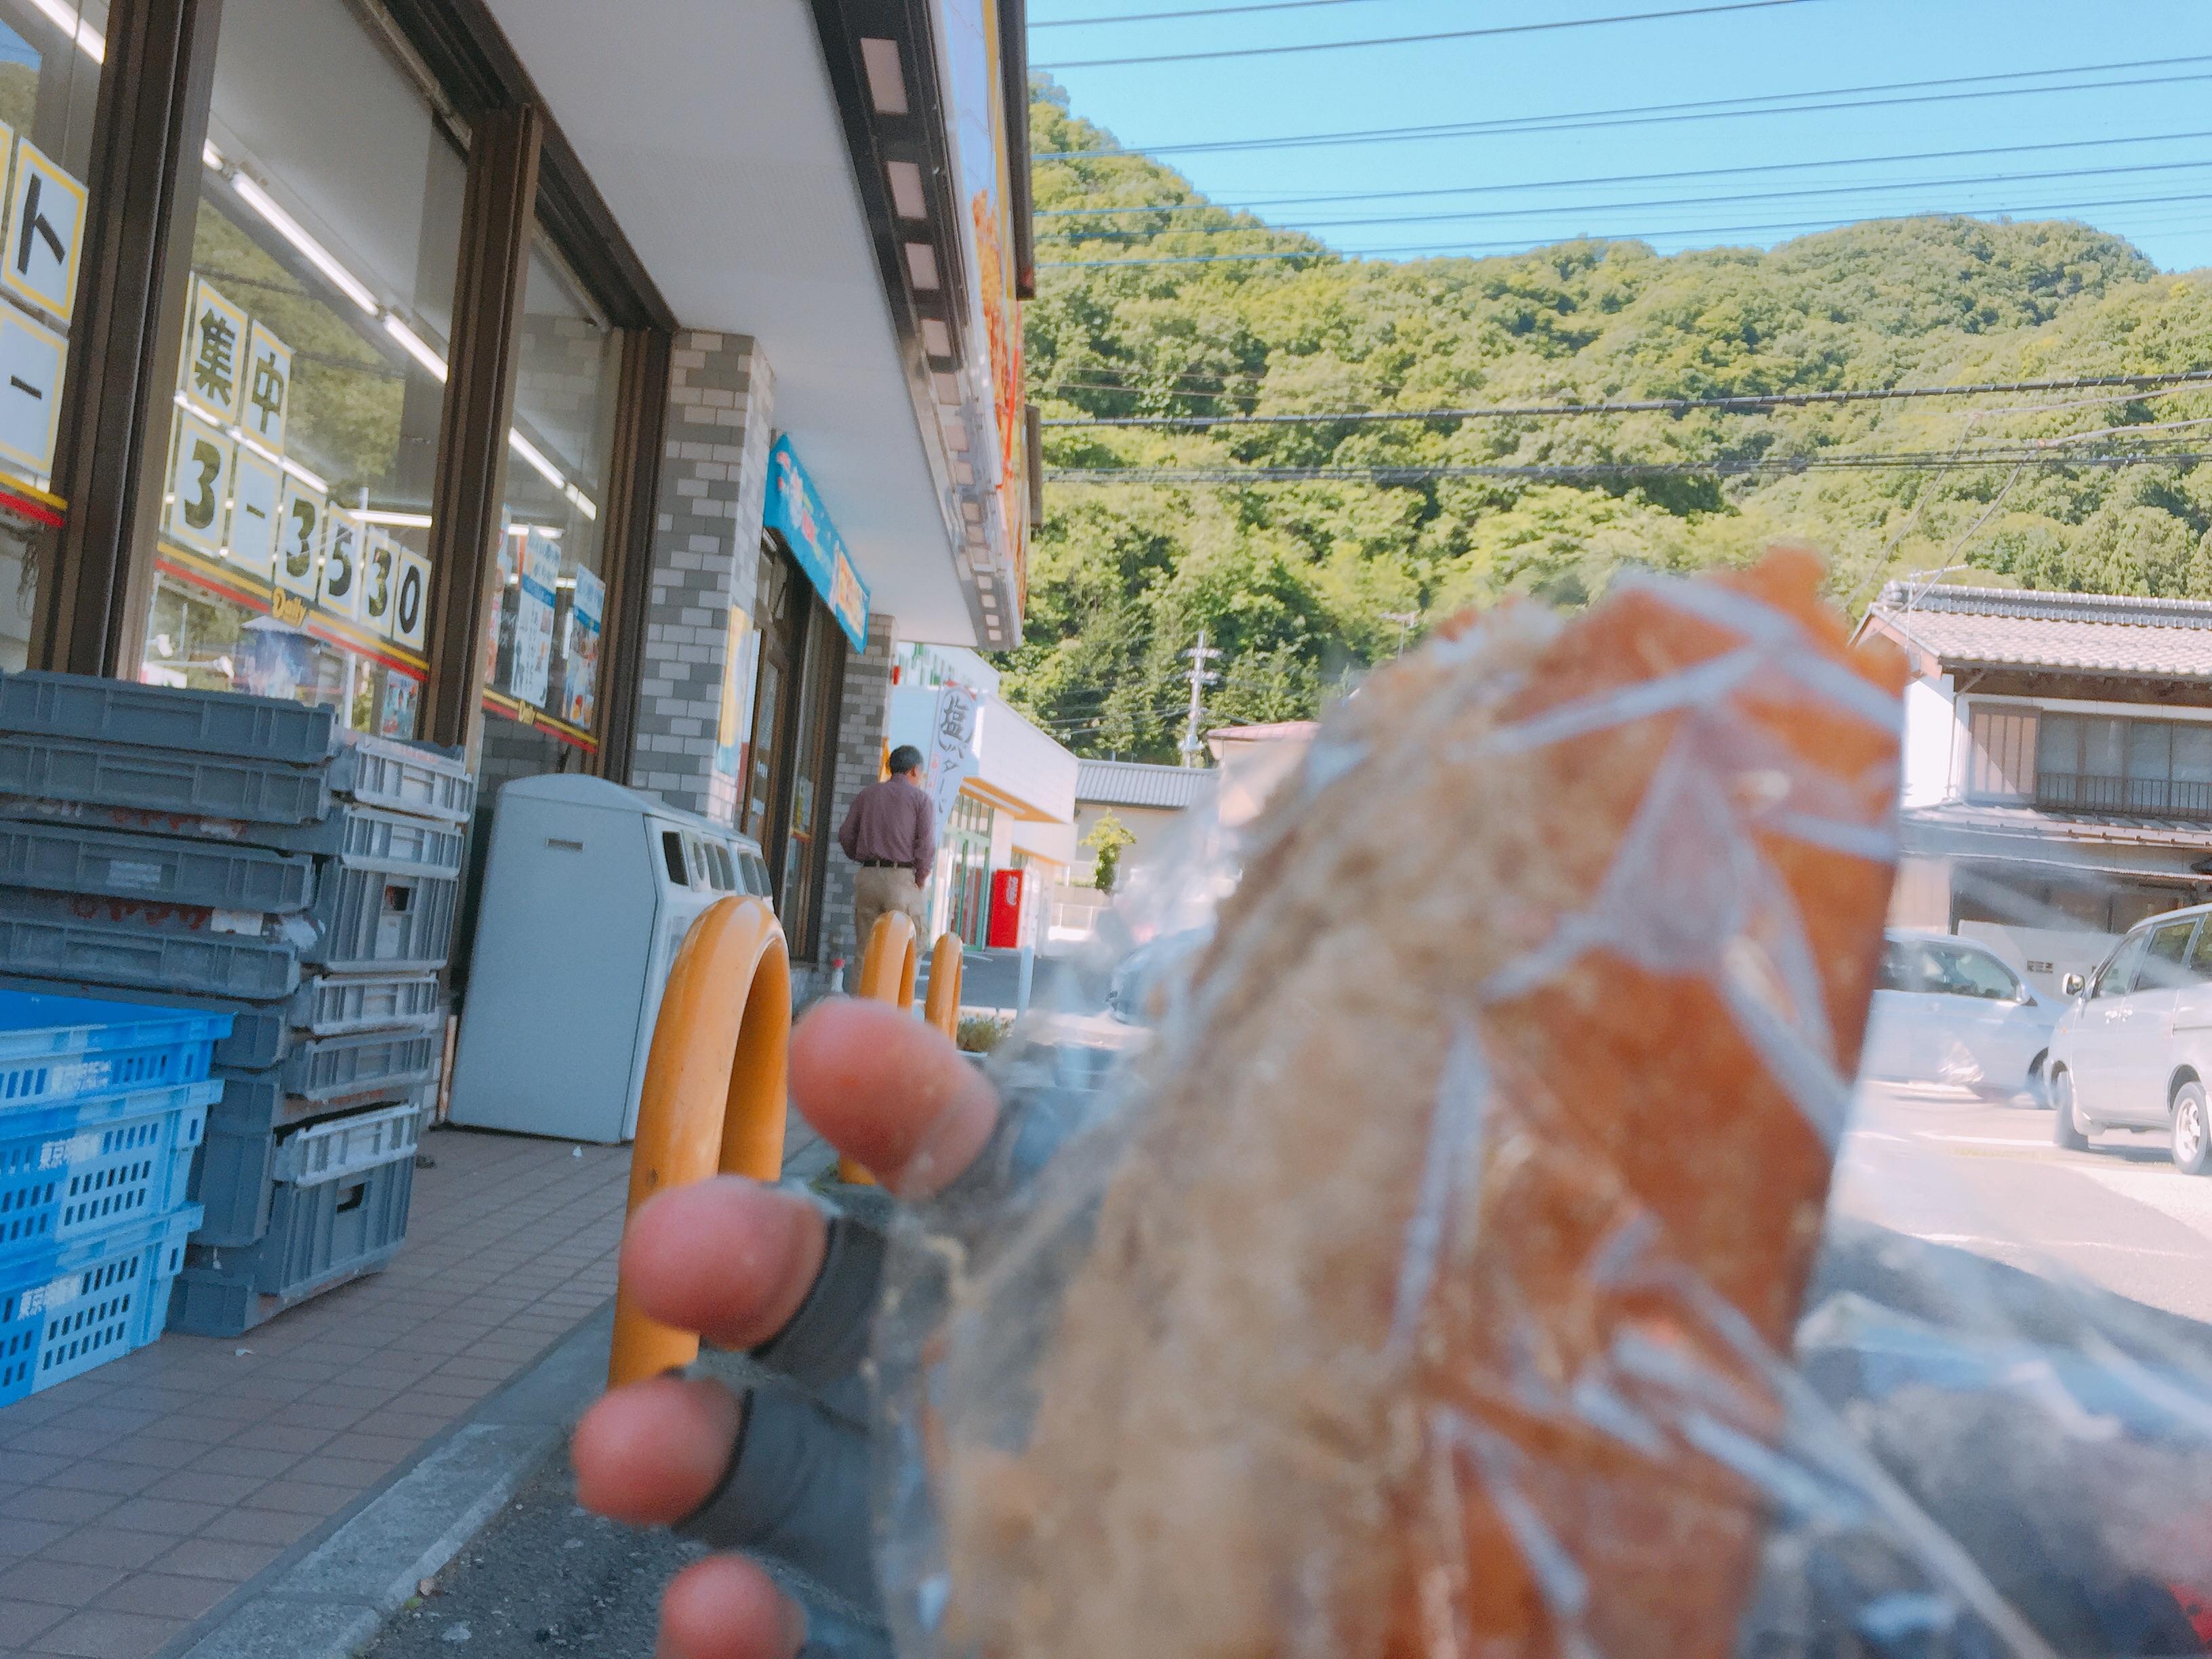 f:id:mfj_maap_jp:20170610174912j:image